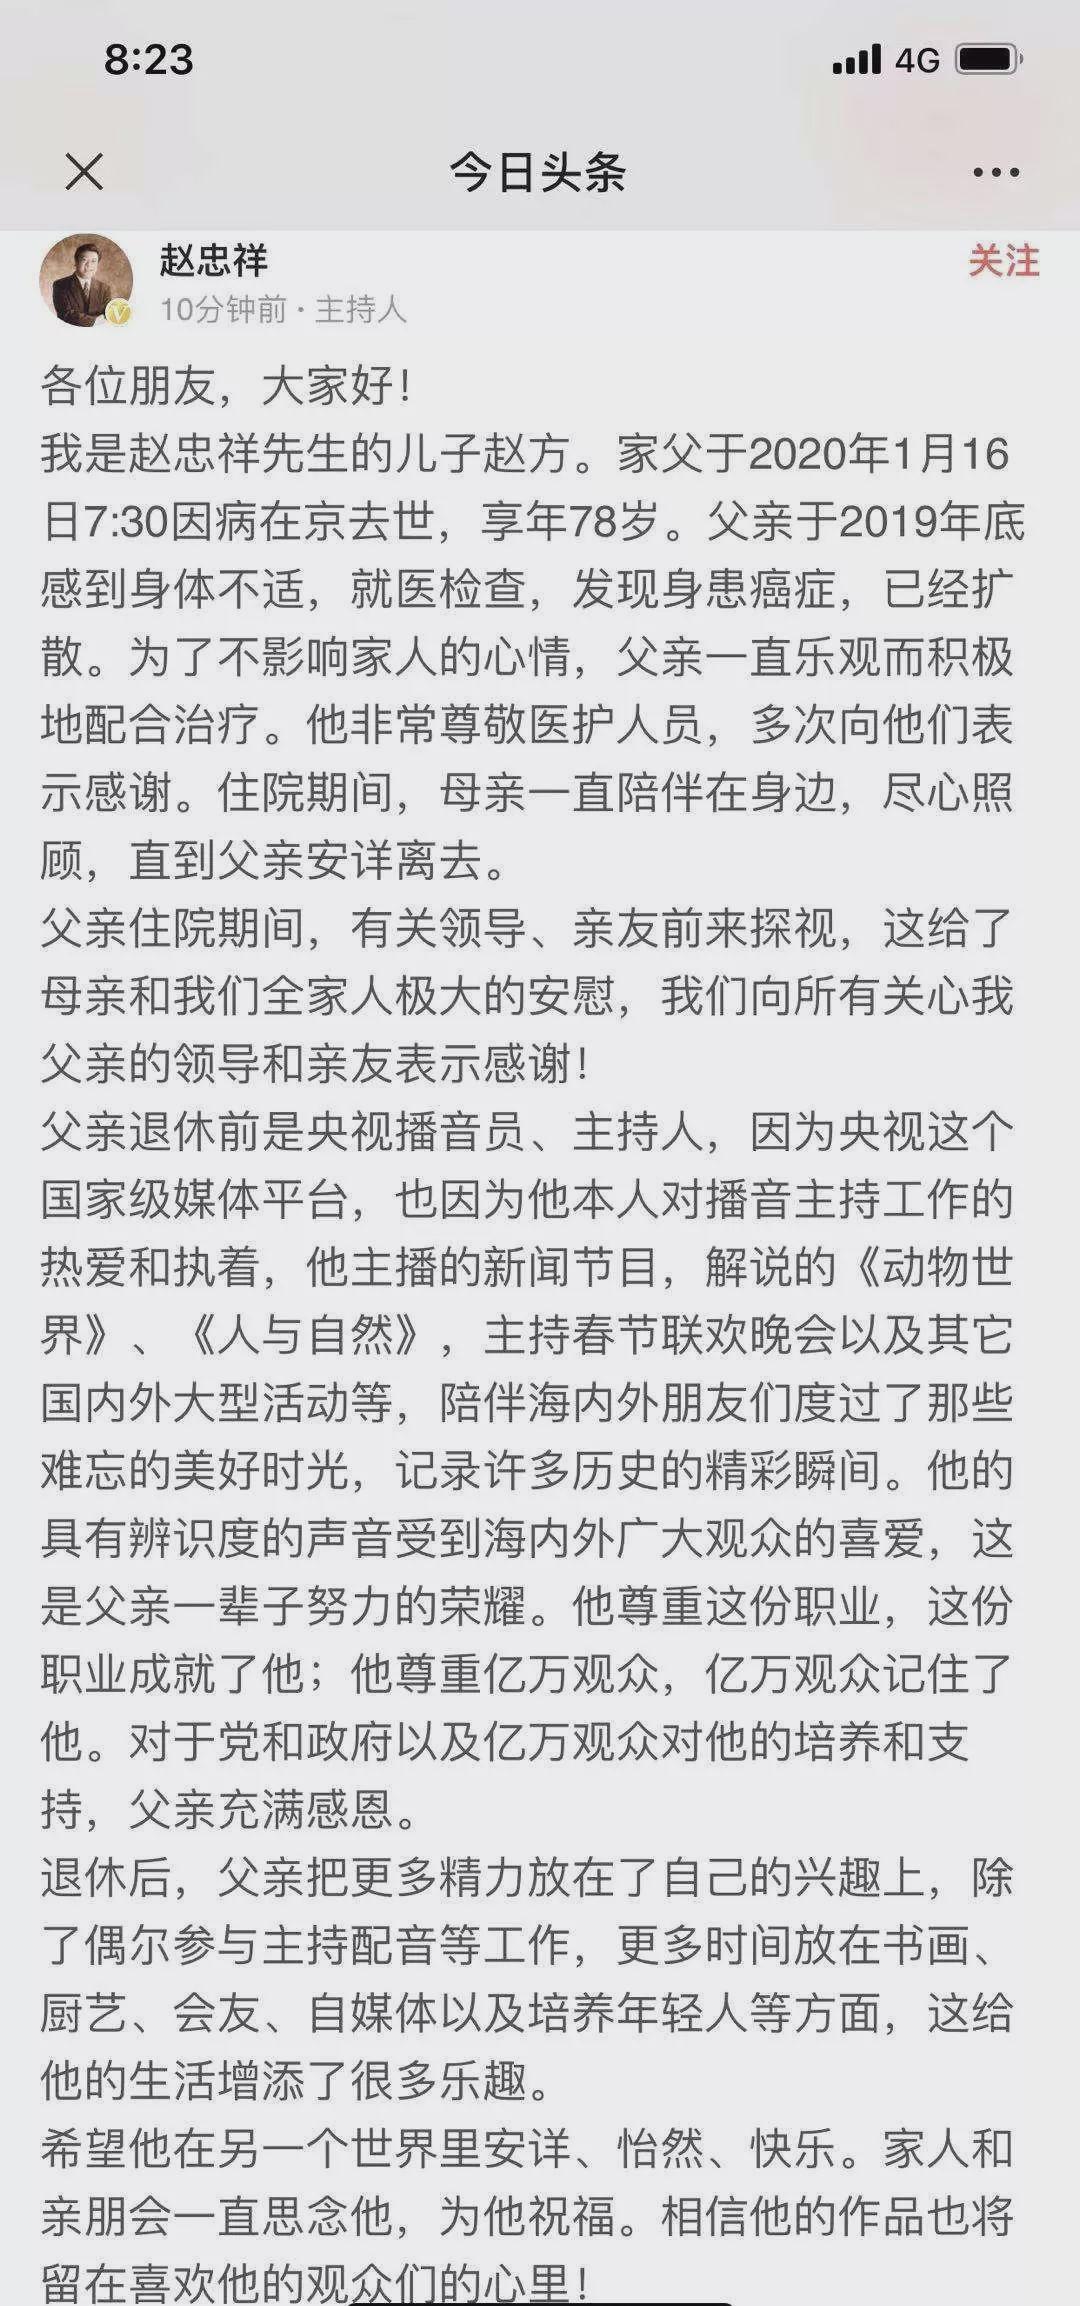 赵忠祥去世原因是什么 赵忠祥个人资料生前事迹 赵忠祥去世网友们炸了